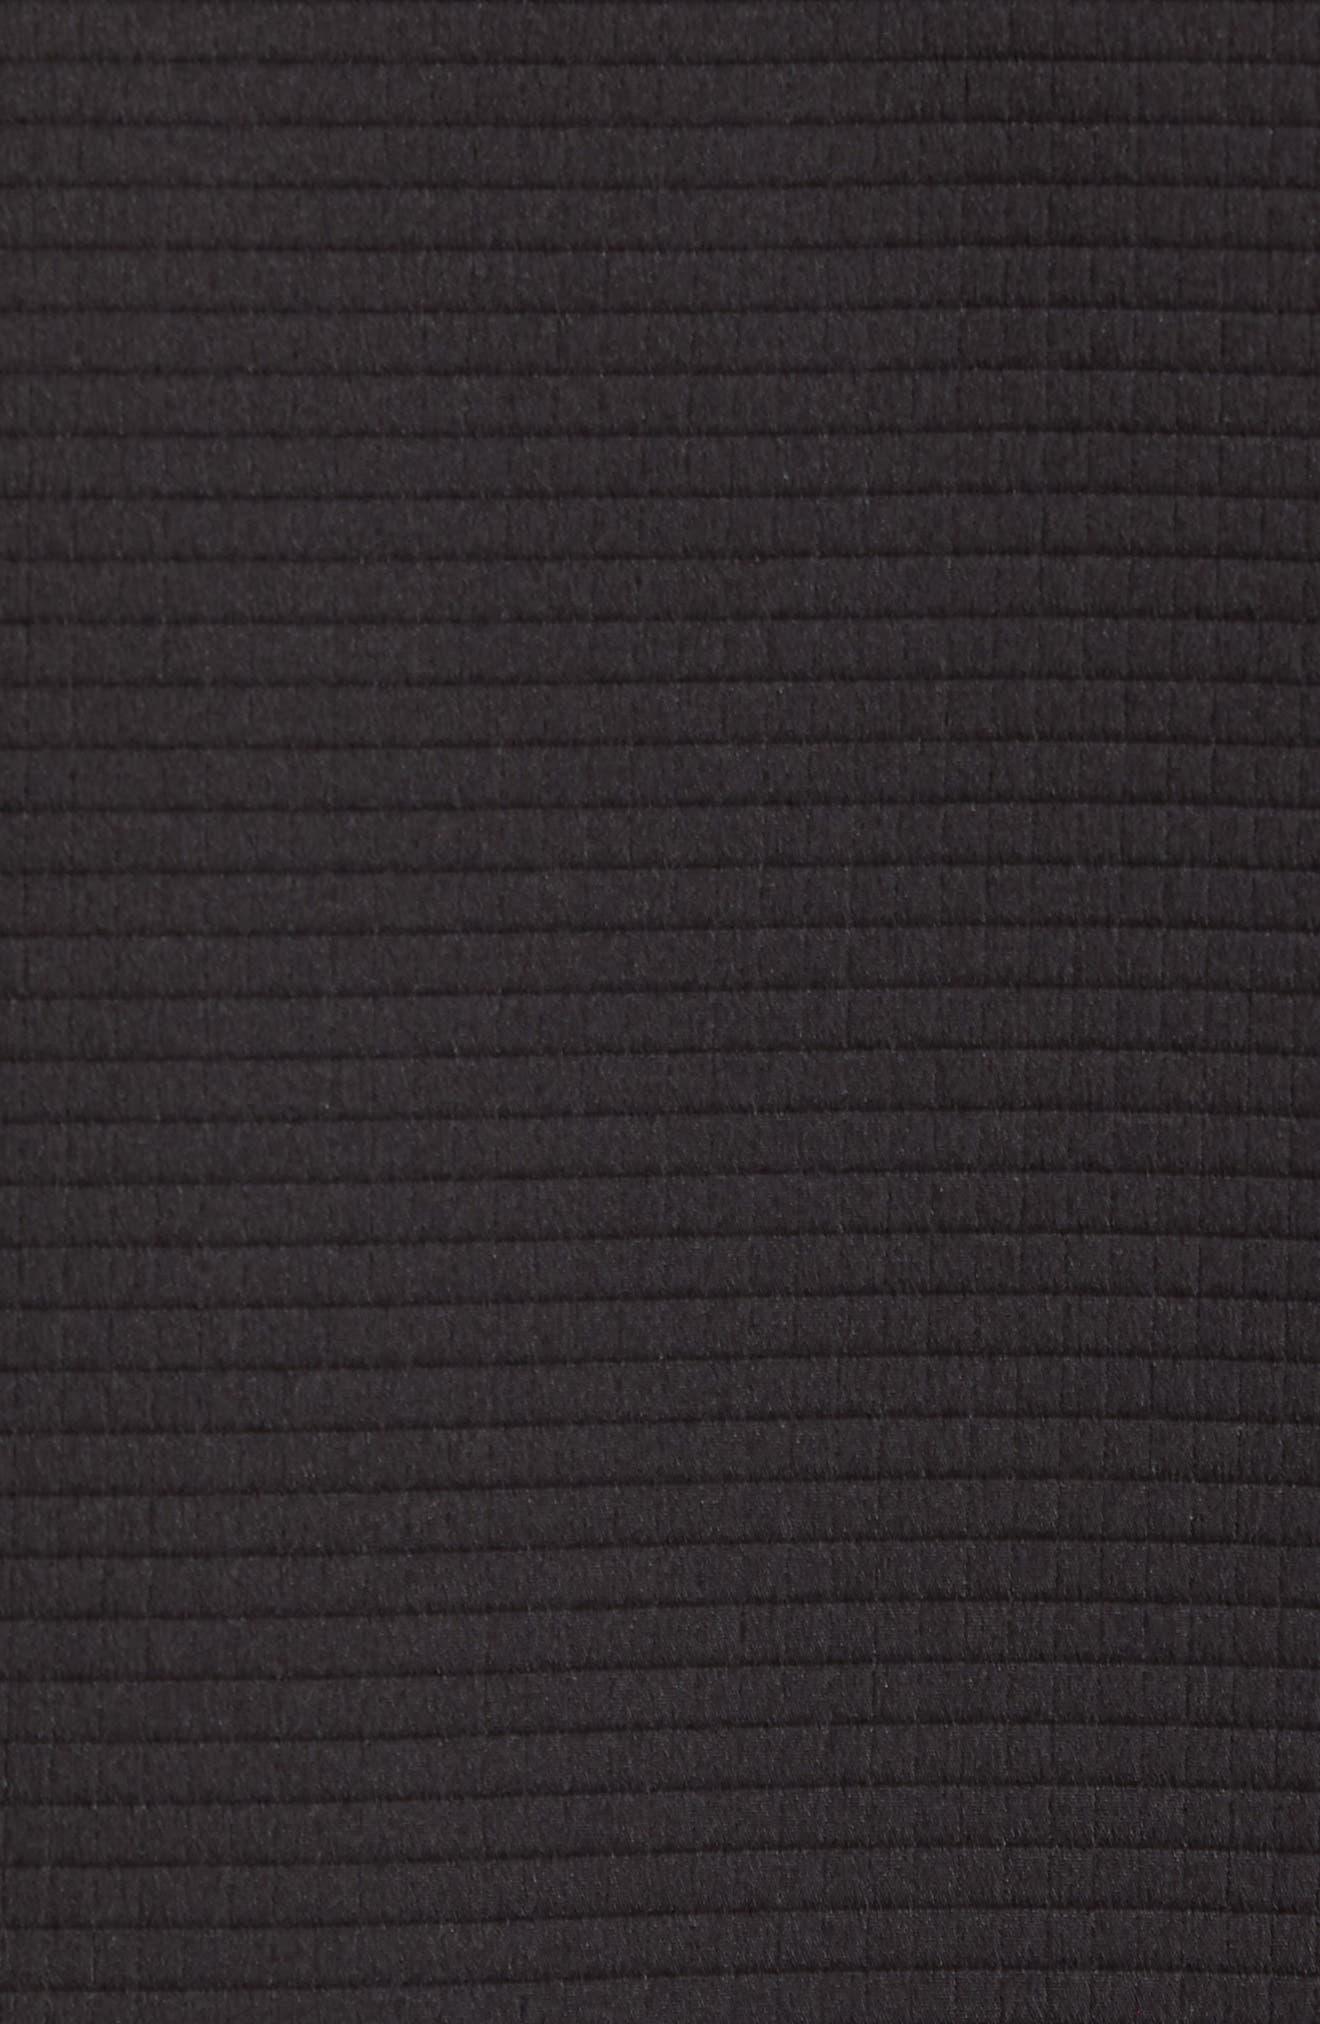 Slim Fit Bomber Jacket,                             Alternate thumbnail 6, color,                             BLACK SOLID